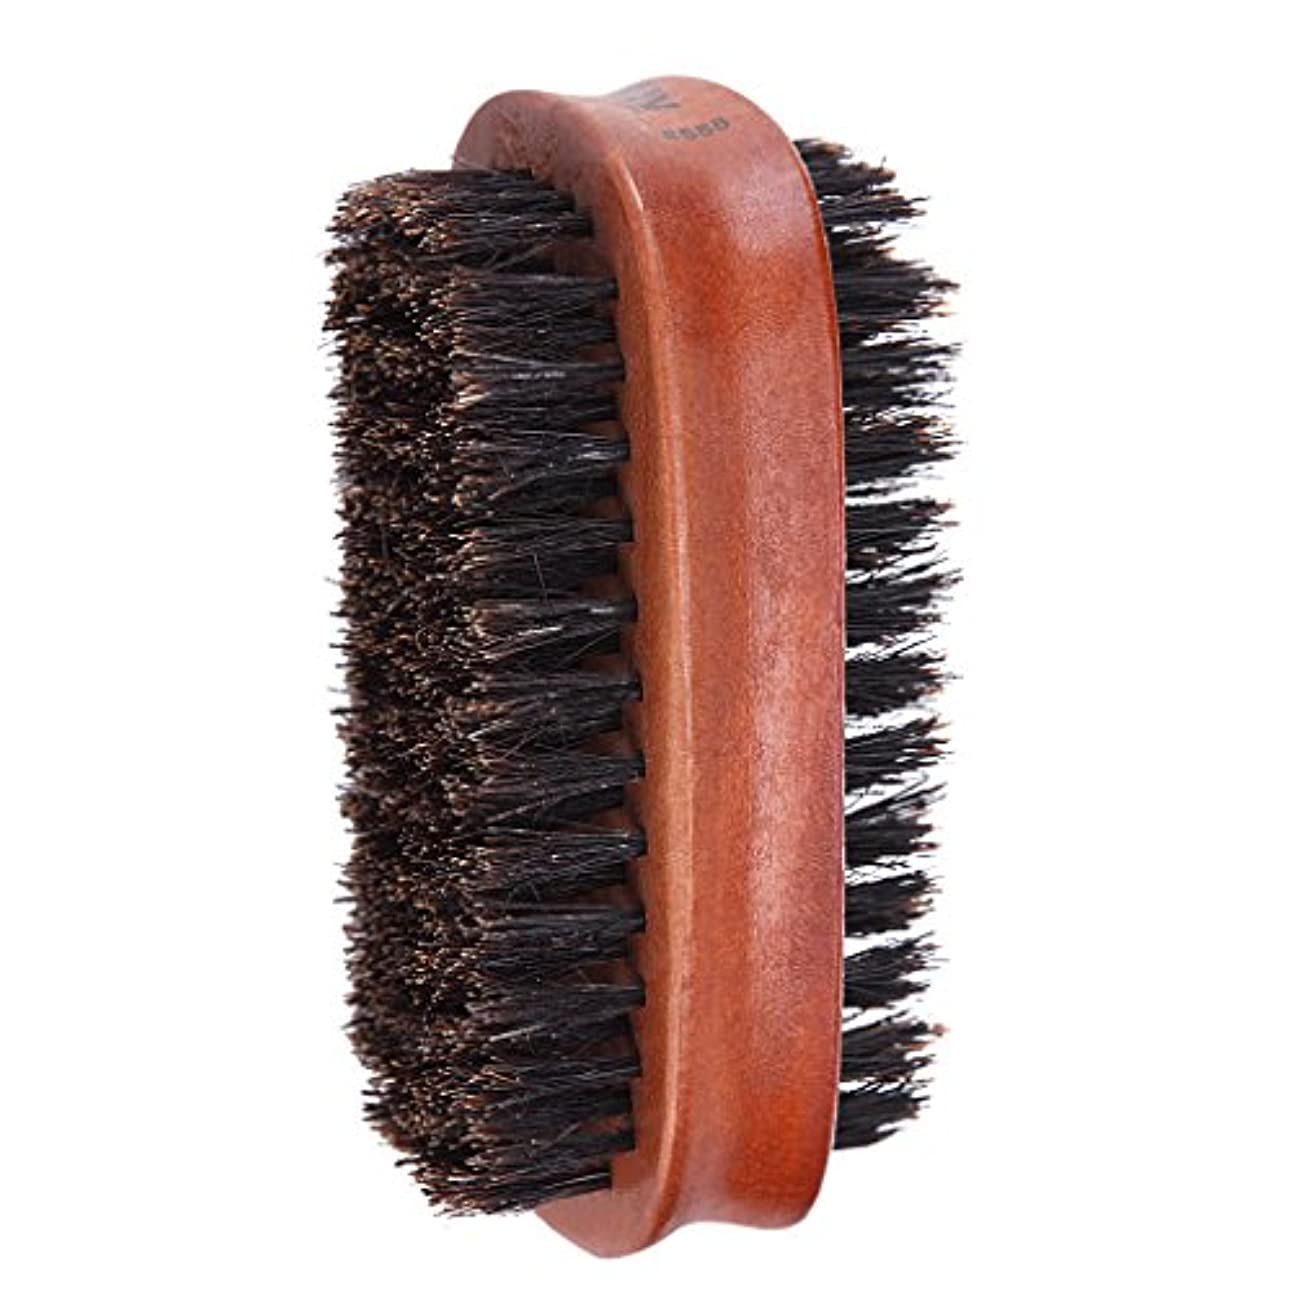 マルコポーロ虚偽突然のCUTICATE 男性髪髭口ひげグルーミングブラシハード両面コーム